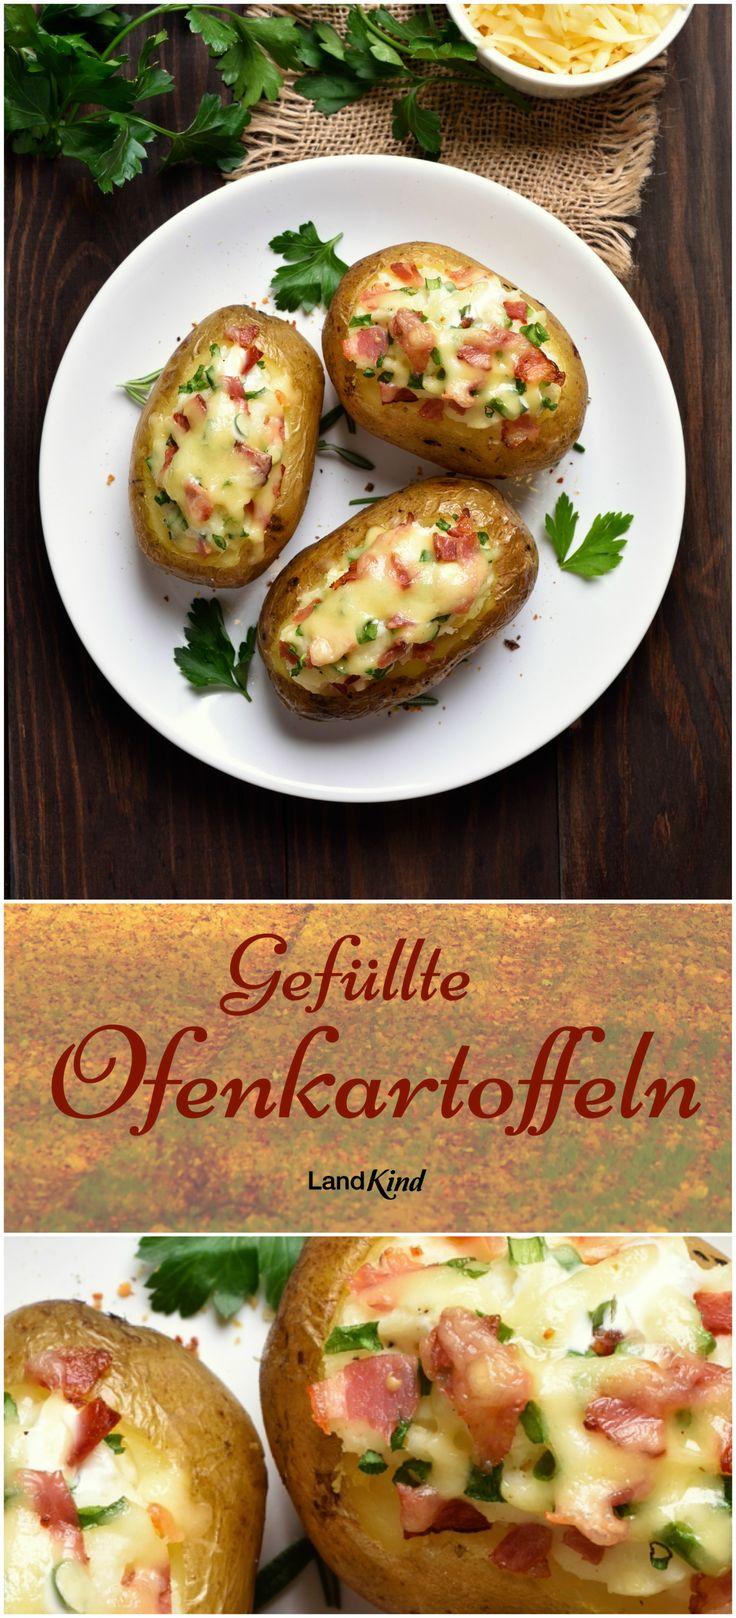 """Mit Frischkäse, Sahne, Schnittlauch, Zwiebel, Speck, Salz, Pfeffer und Käse werden aus schnöden Kartoffeln echte Leckerbissen! Das ganze Rezept gibt's im LandKind Spezial """"Herbst-Küche""""."""